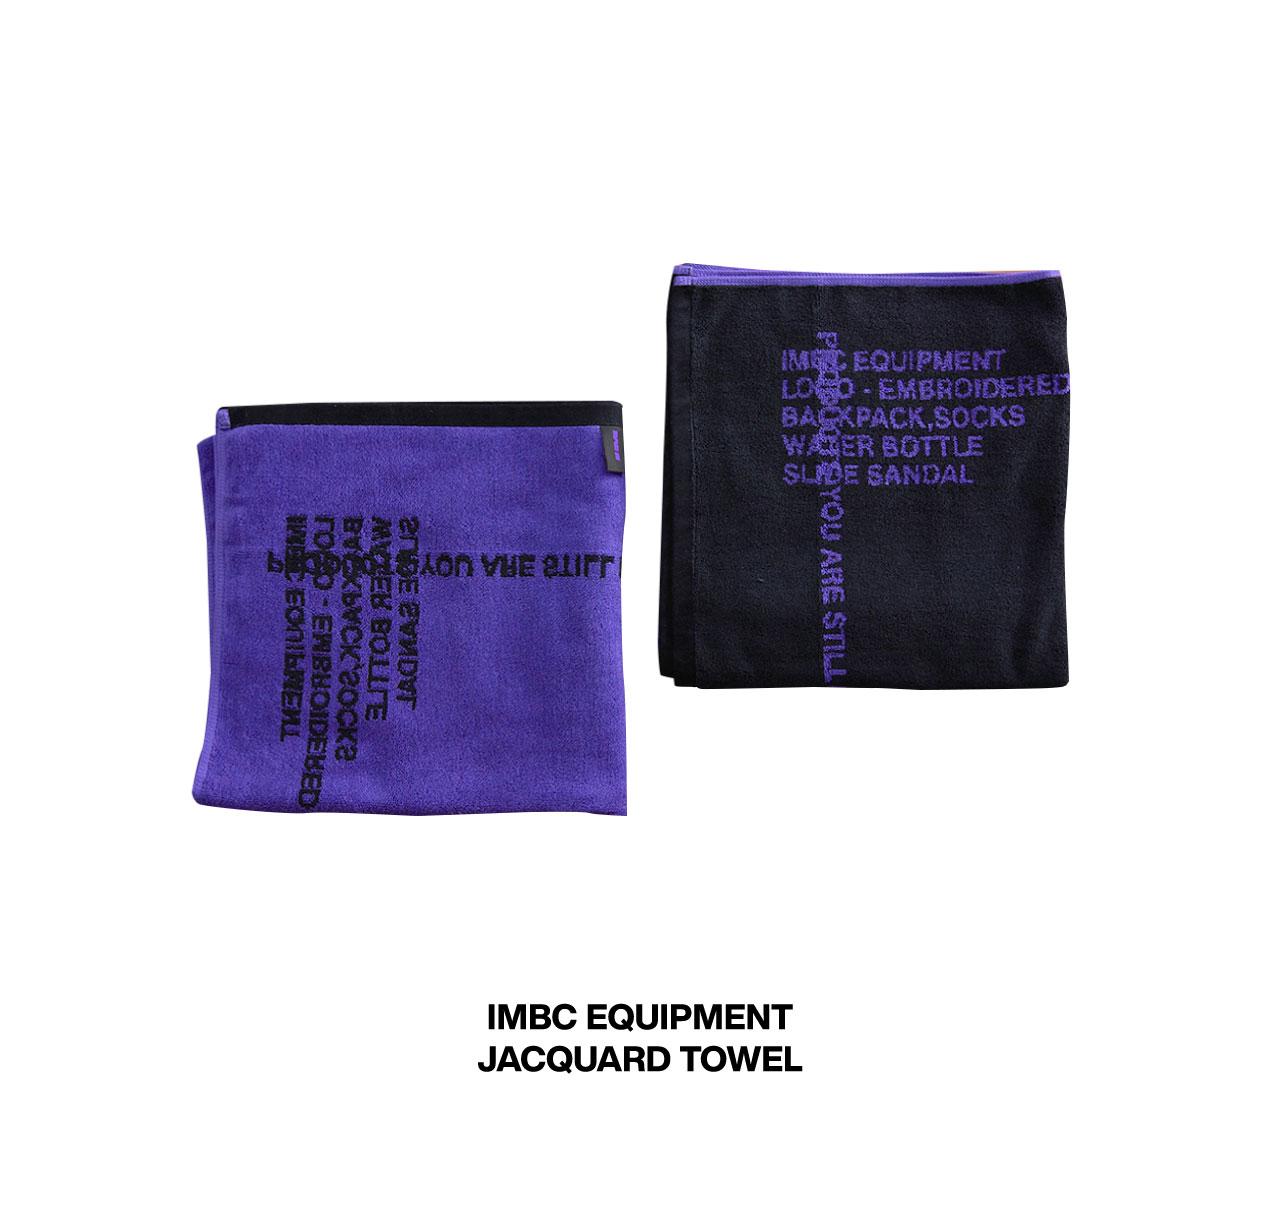 運動毛巾,imbc,台灣製造,吸濕排汗